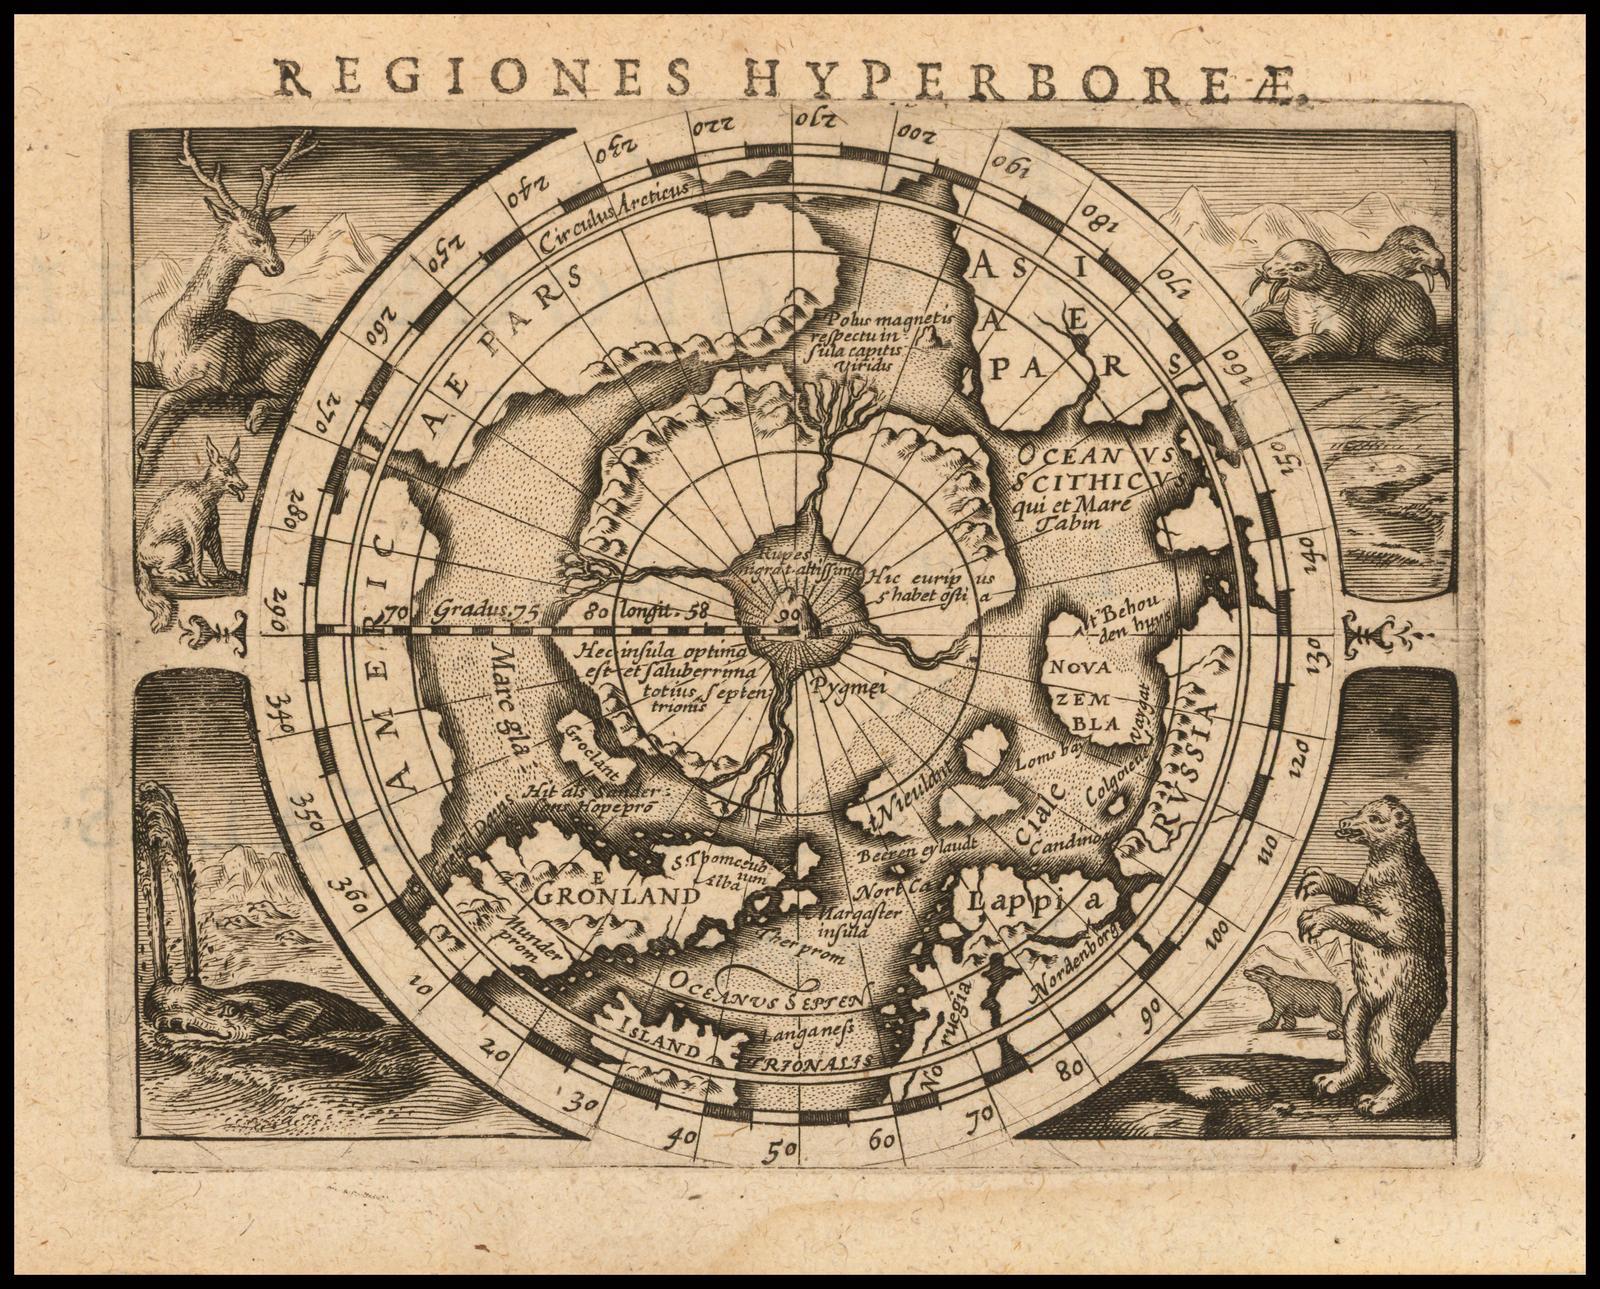 Карта Северного полюса Герхарда Меркатора в уменьшенном размере, впервые опубликованная в 1595 году